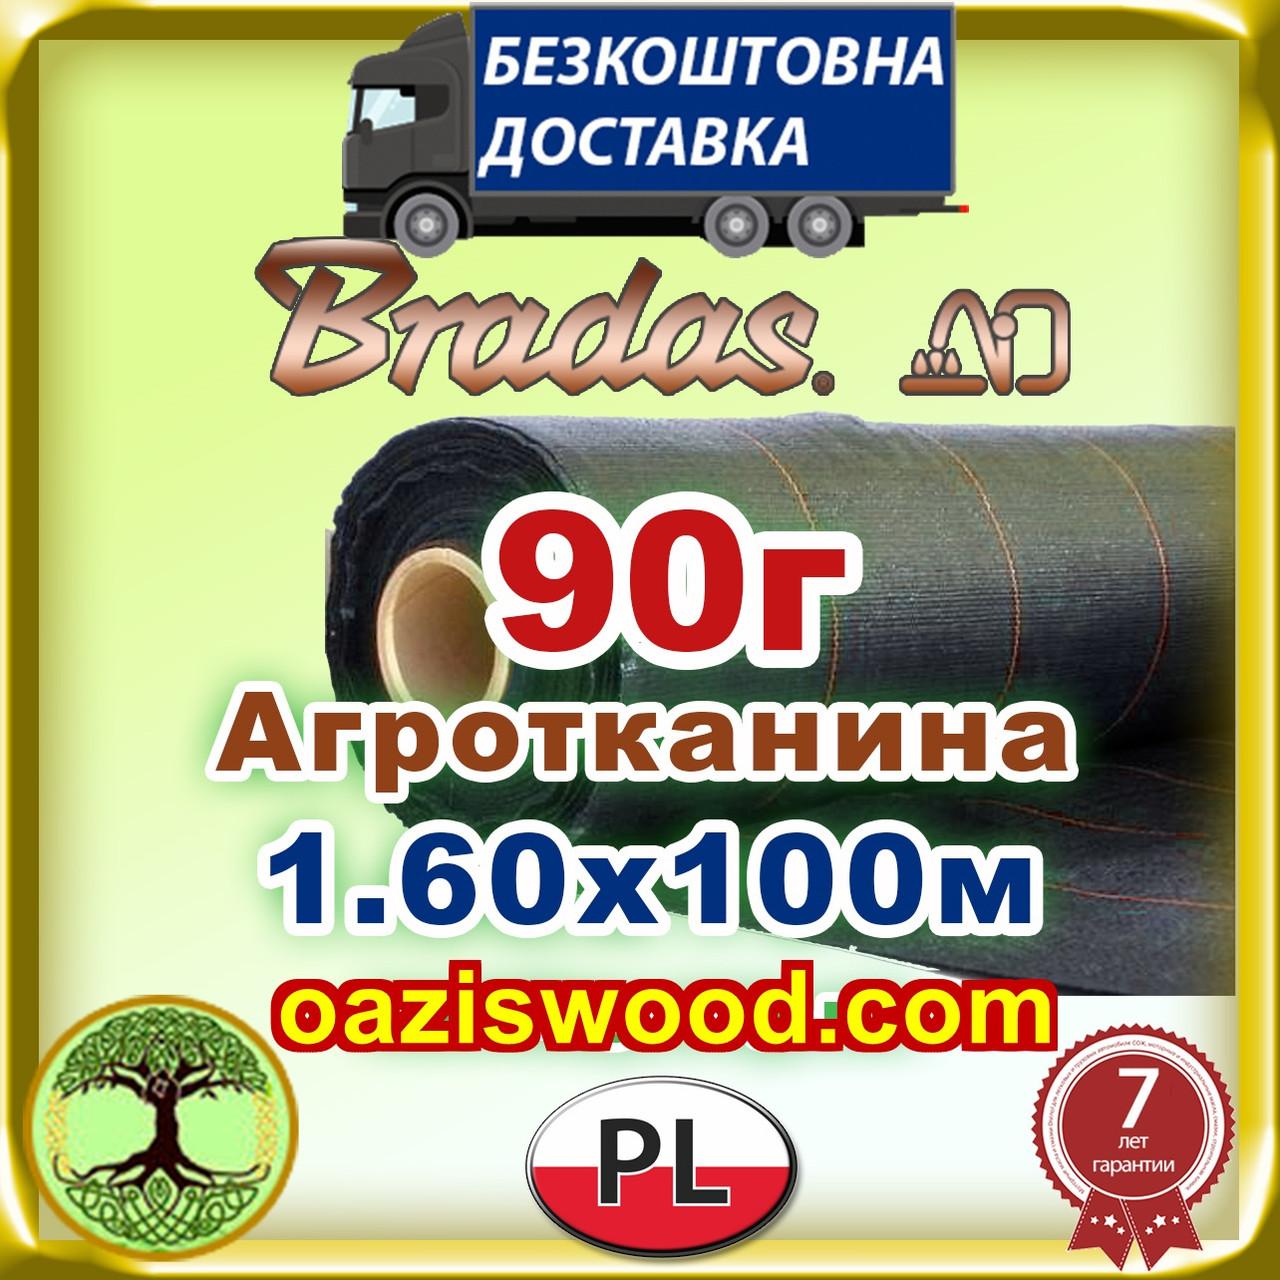 Агротканина 1,6 * 100м 90г/м2 BRADAS плетена, чорна, щільна. Мульчування грунту на 7-10 років